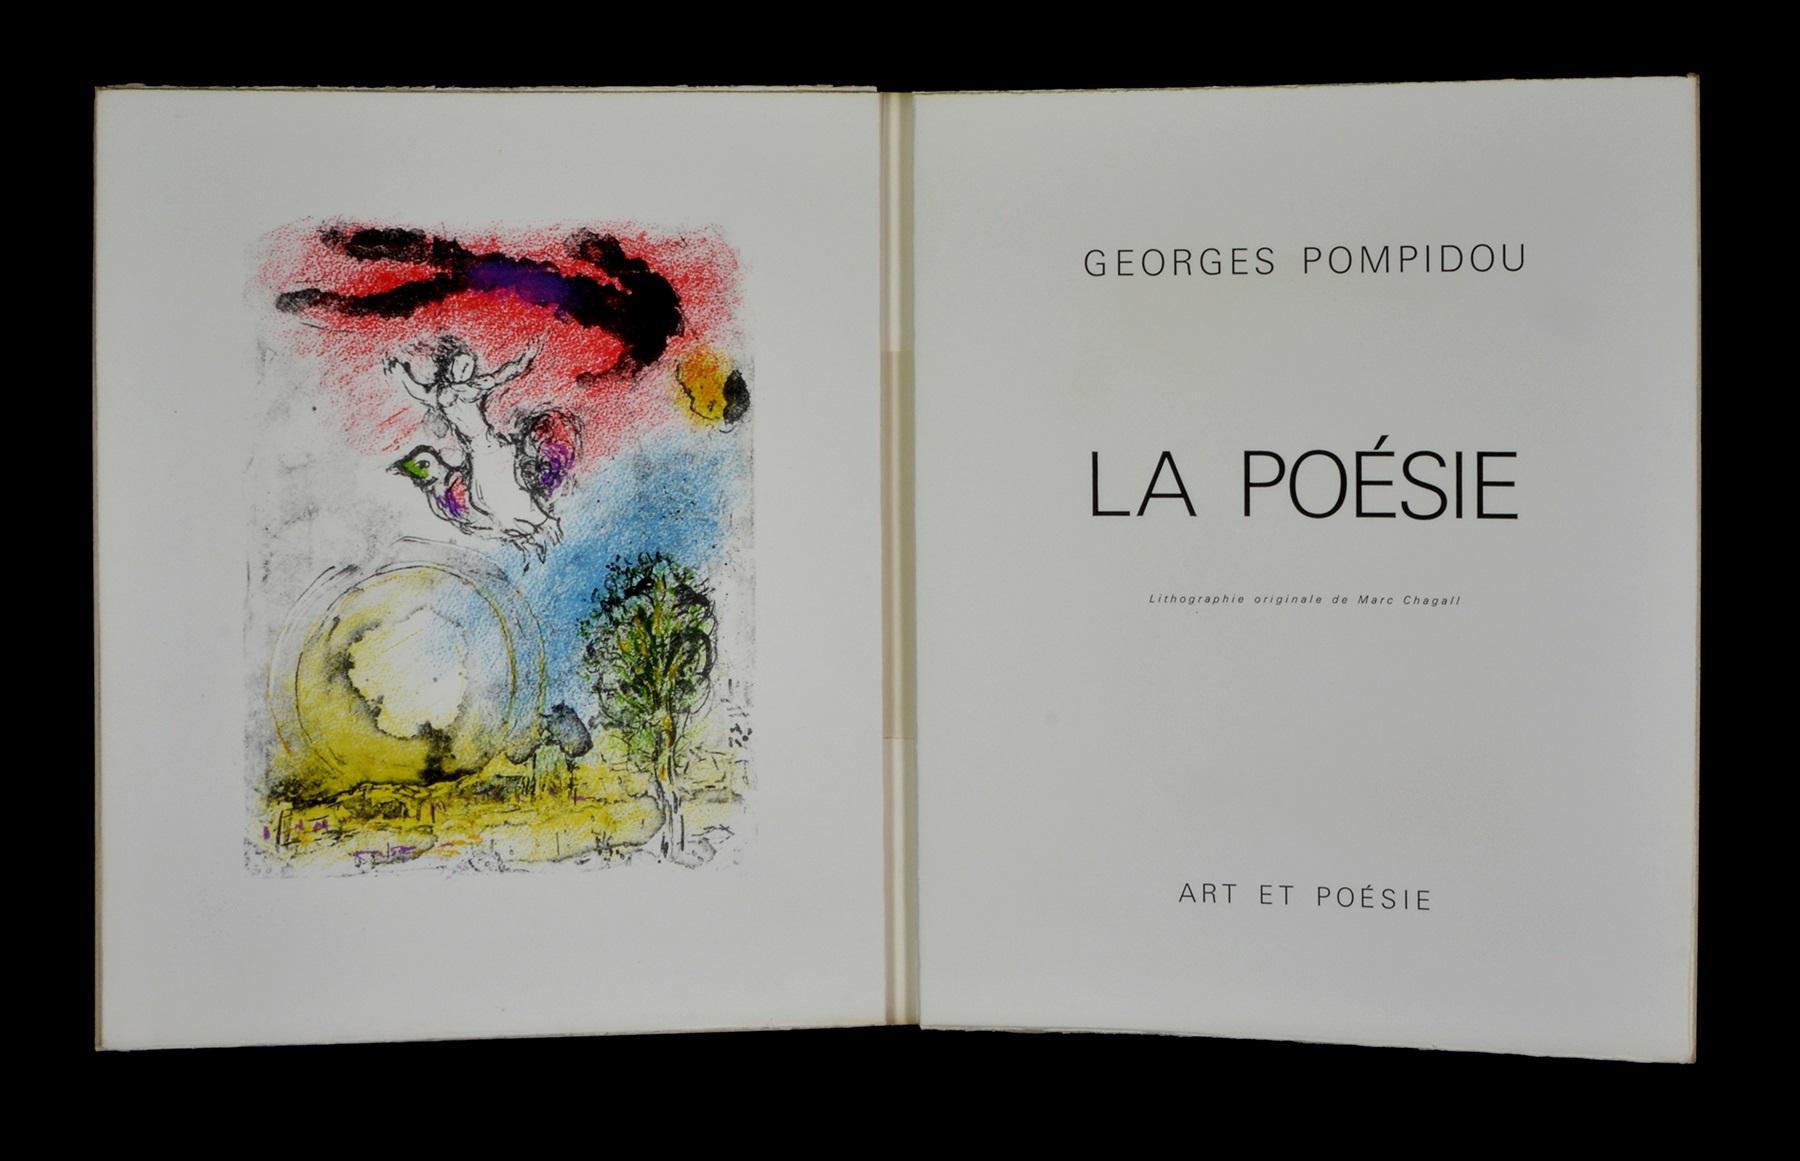 Art Painting Poesie